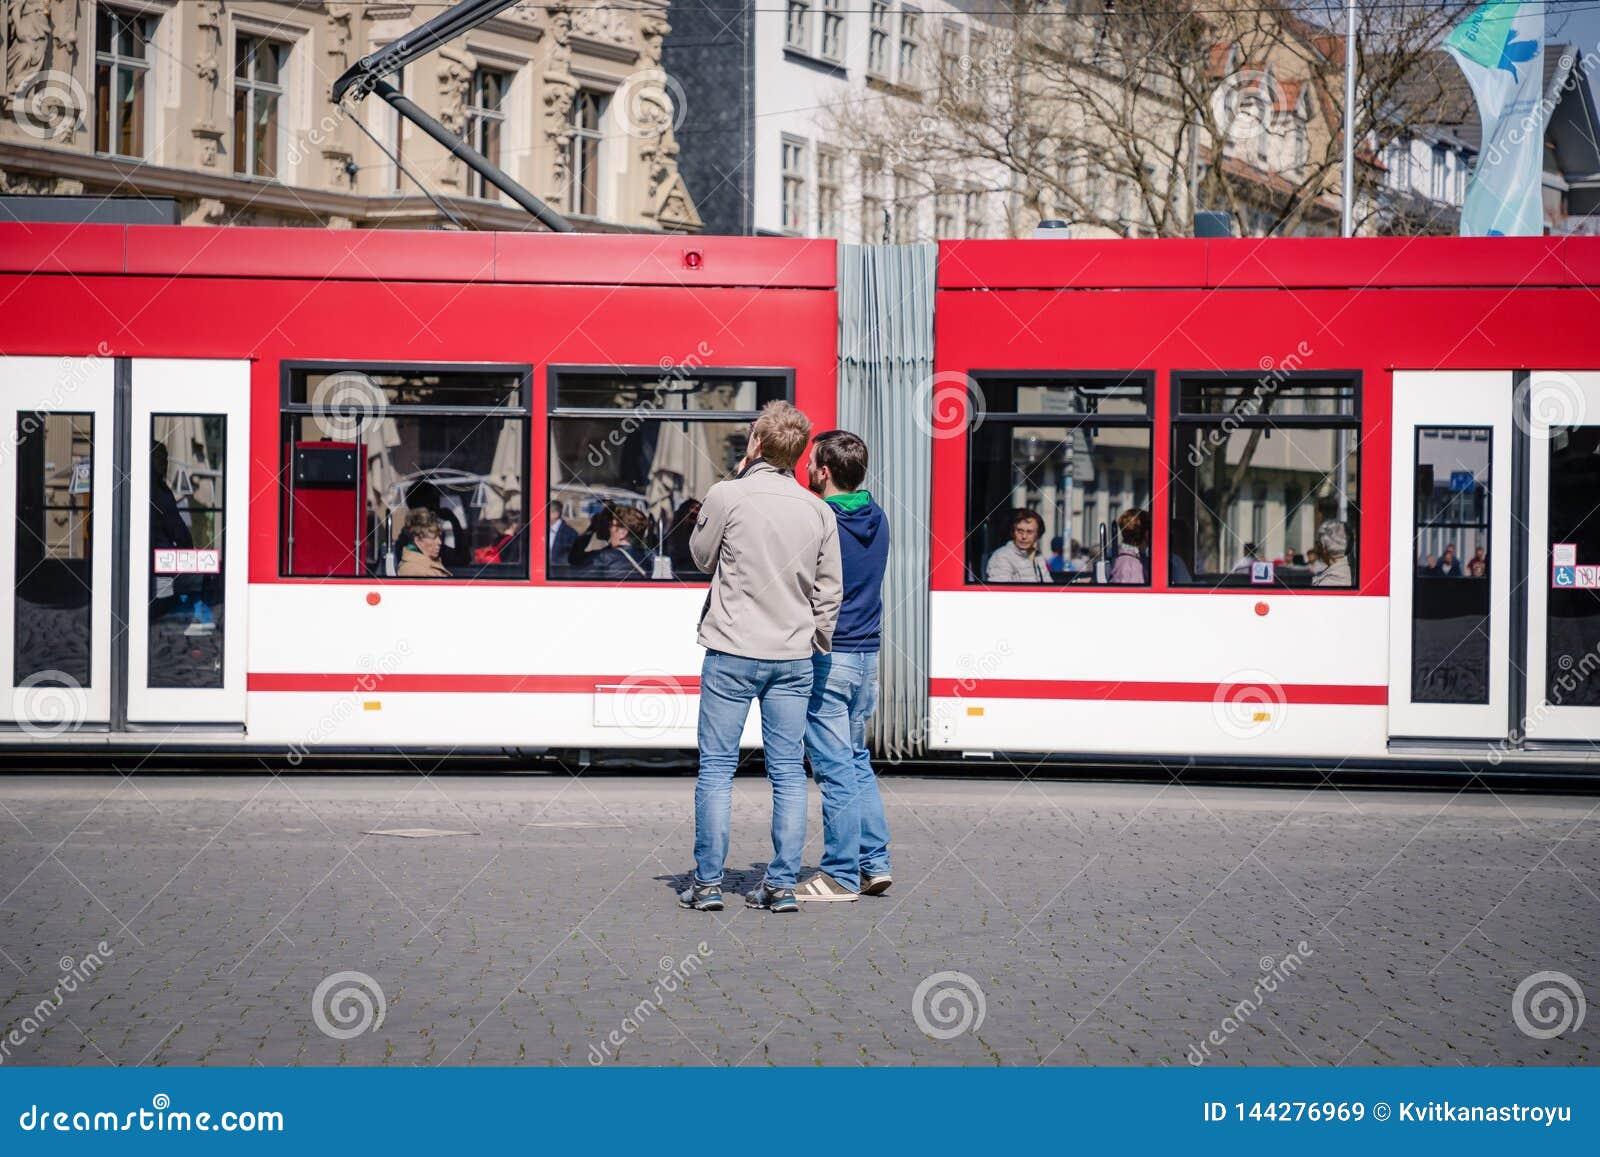 埃福特,德国 2019年4月7日 两偶然年轻人在红色电车背景的市中心